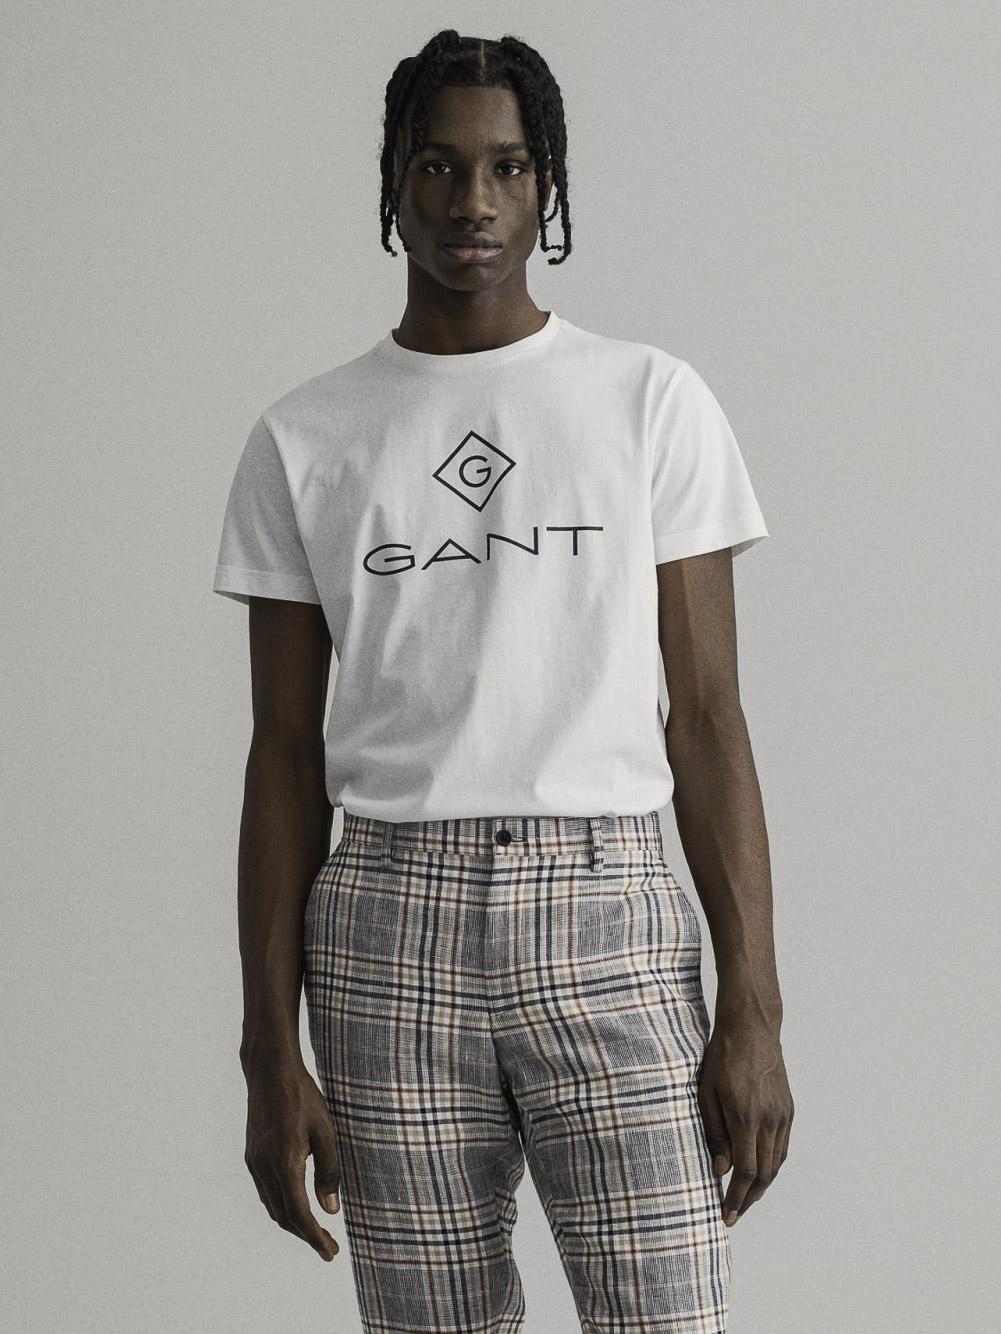 GANT Μπλούζα t-shirt 3G2023000-110 ΛΕΥΚΟ